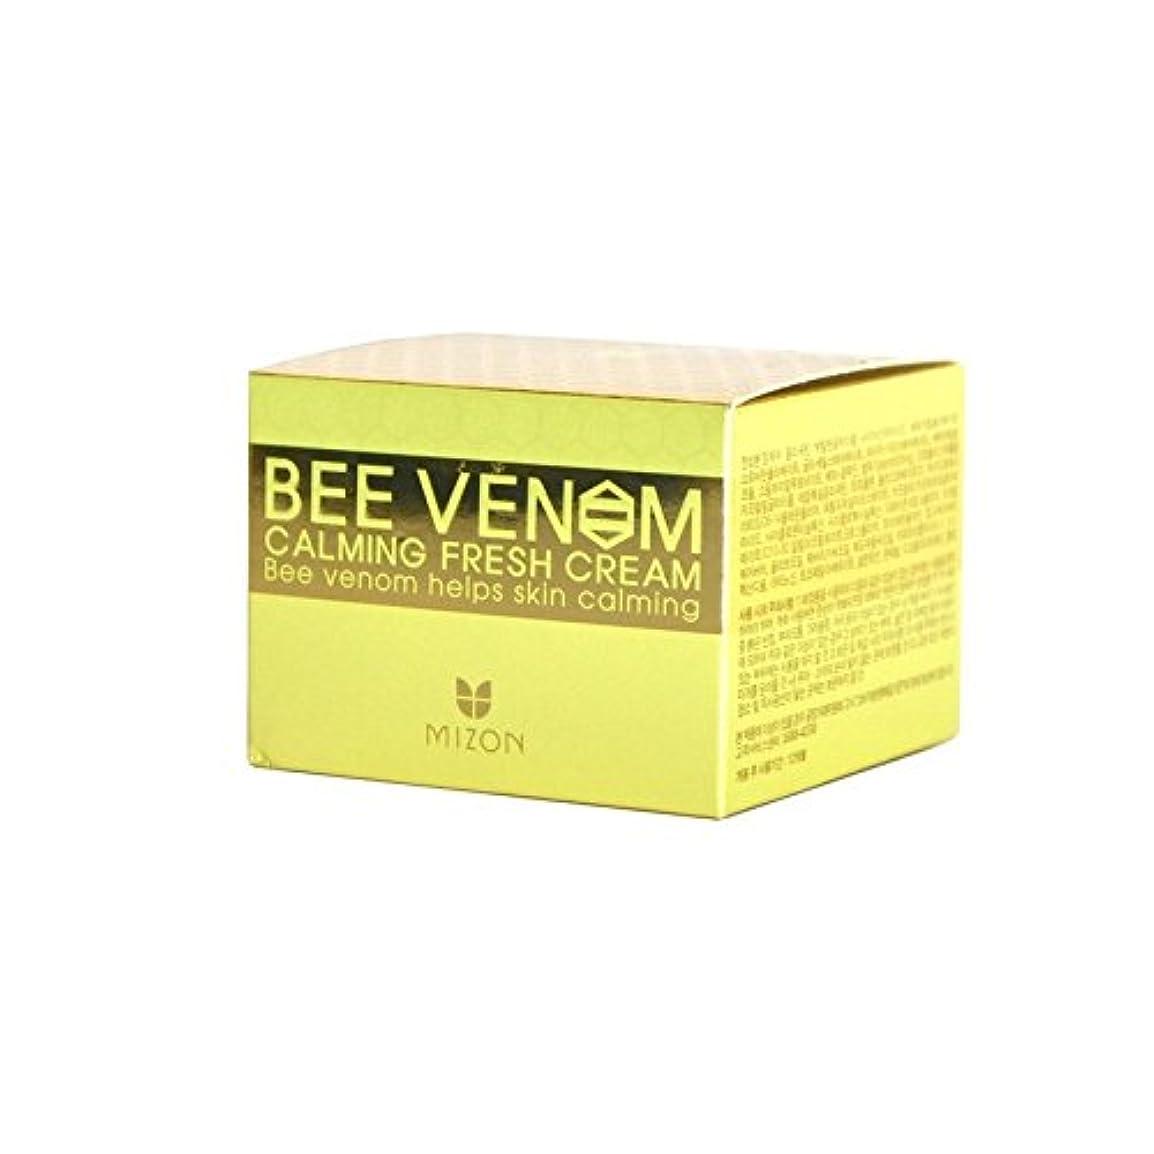 請求可能クルーゴールド生クリームを落ち着かせるのハチ毒 x4 - Mizon Bee Venom Calming Fresh Cream (Pack of 4) [並行輸入品]